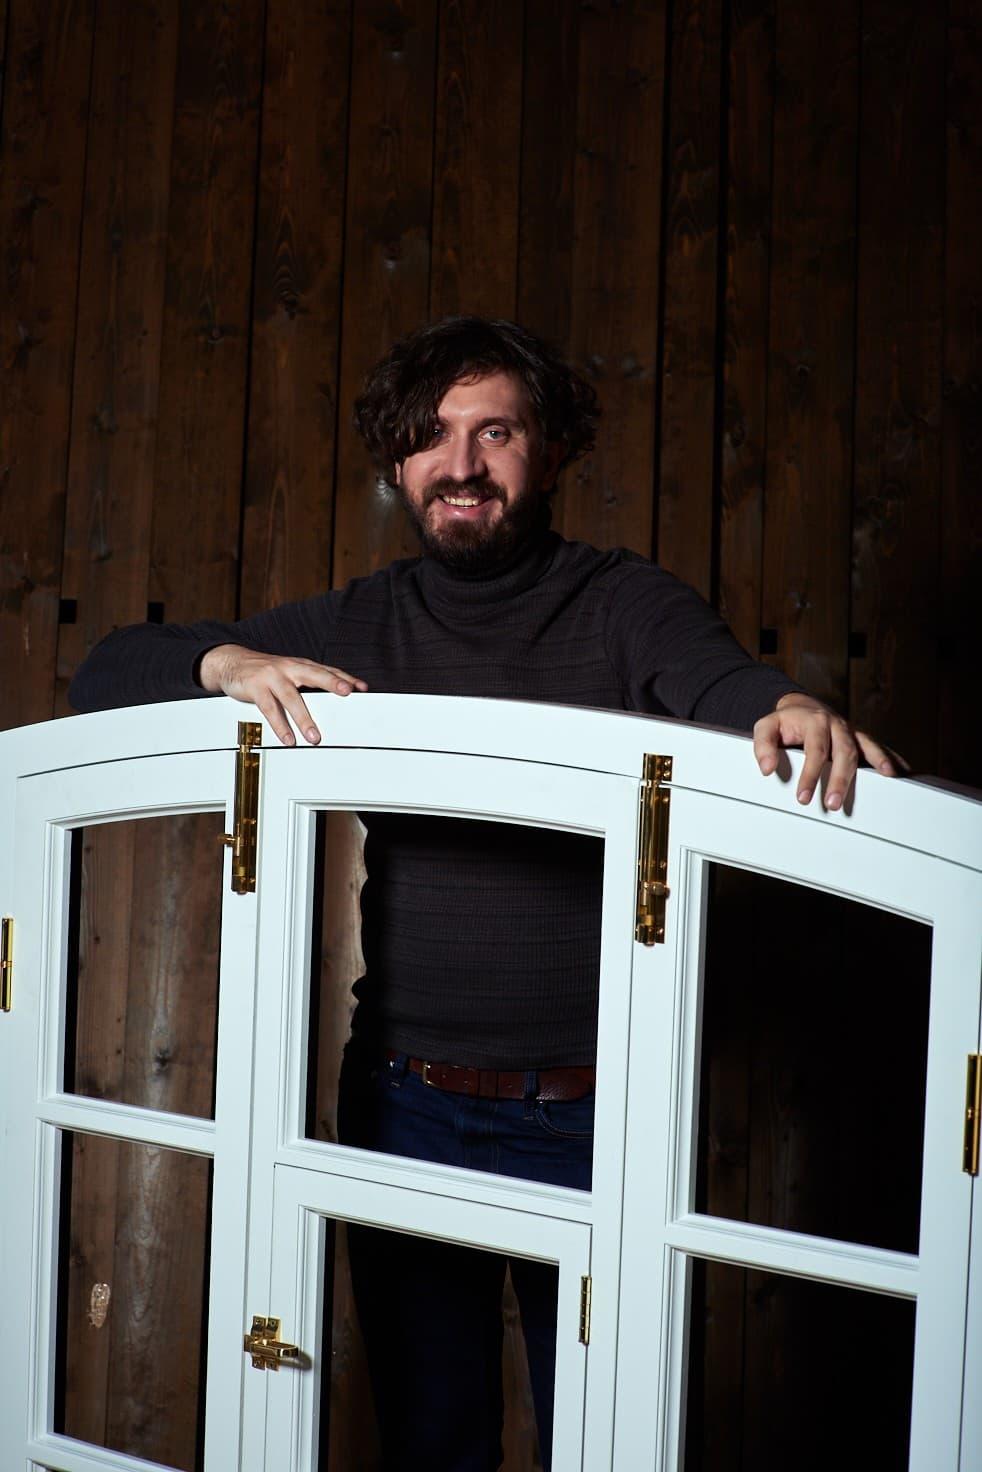 Woodcort: окно в центр. Прямая речь Антона Снитко